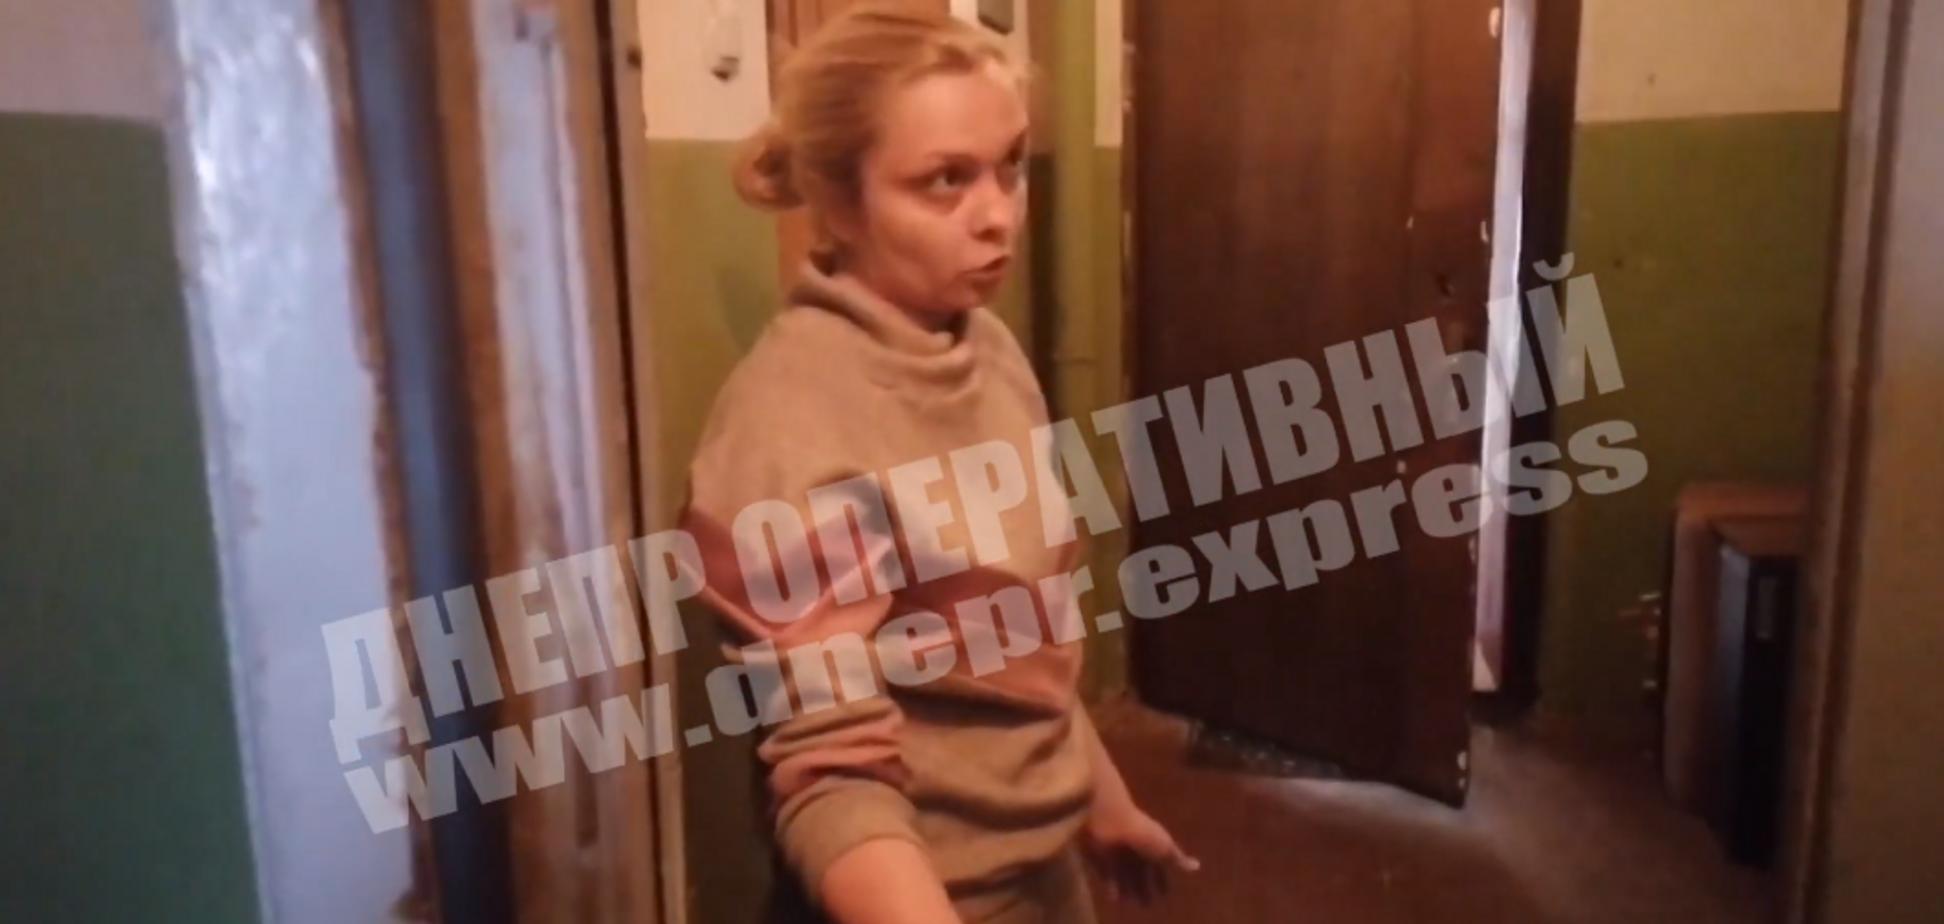 'Всех взорву!' В Днепре ревнивый мужчина устроил террор бывшей жене. Видео